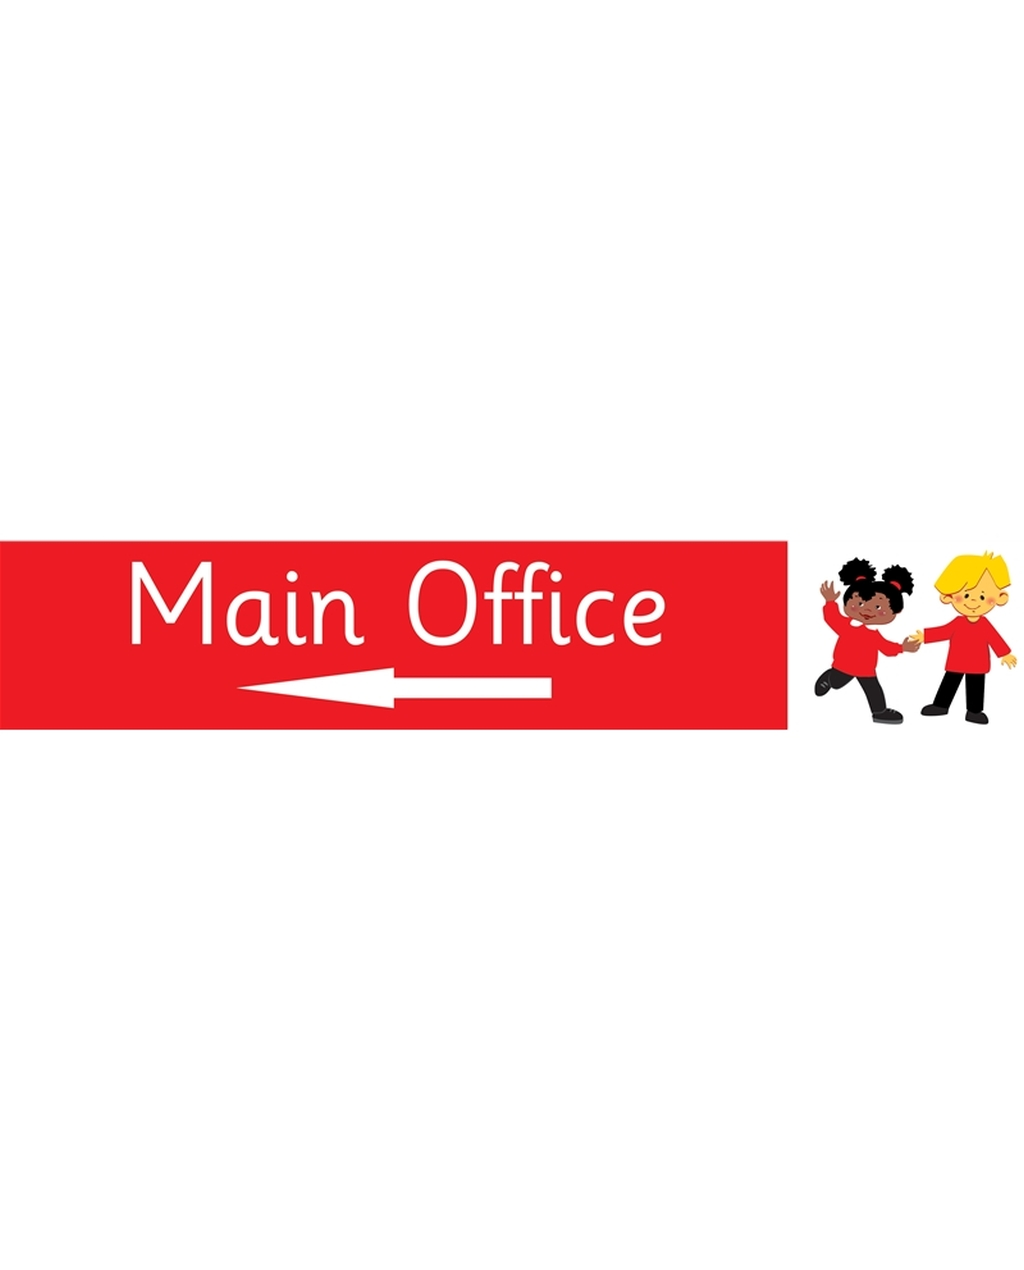 Main Office Left Arrow Sign Purple